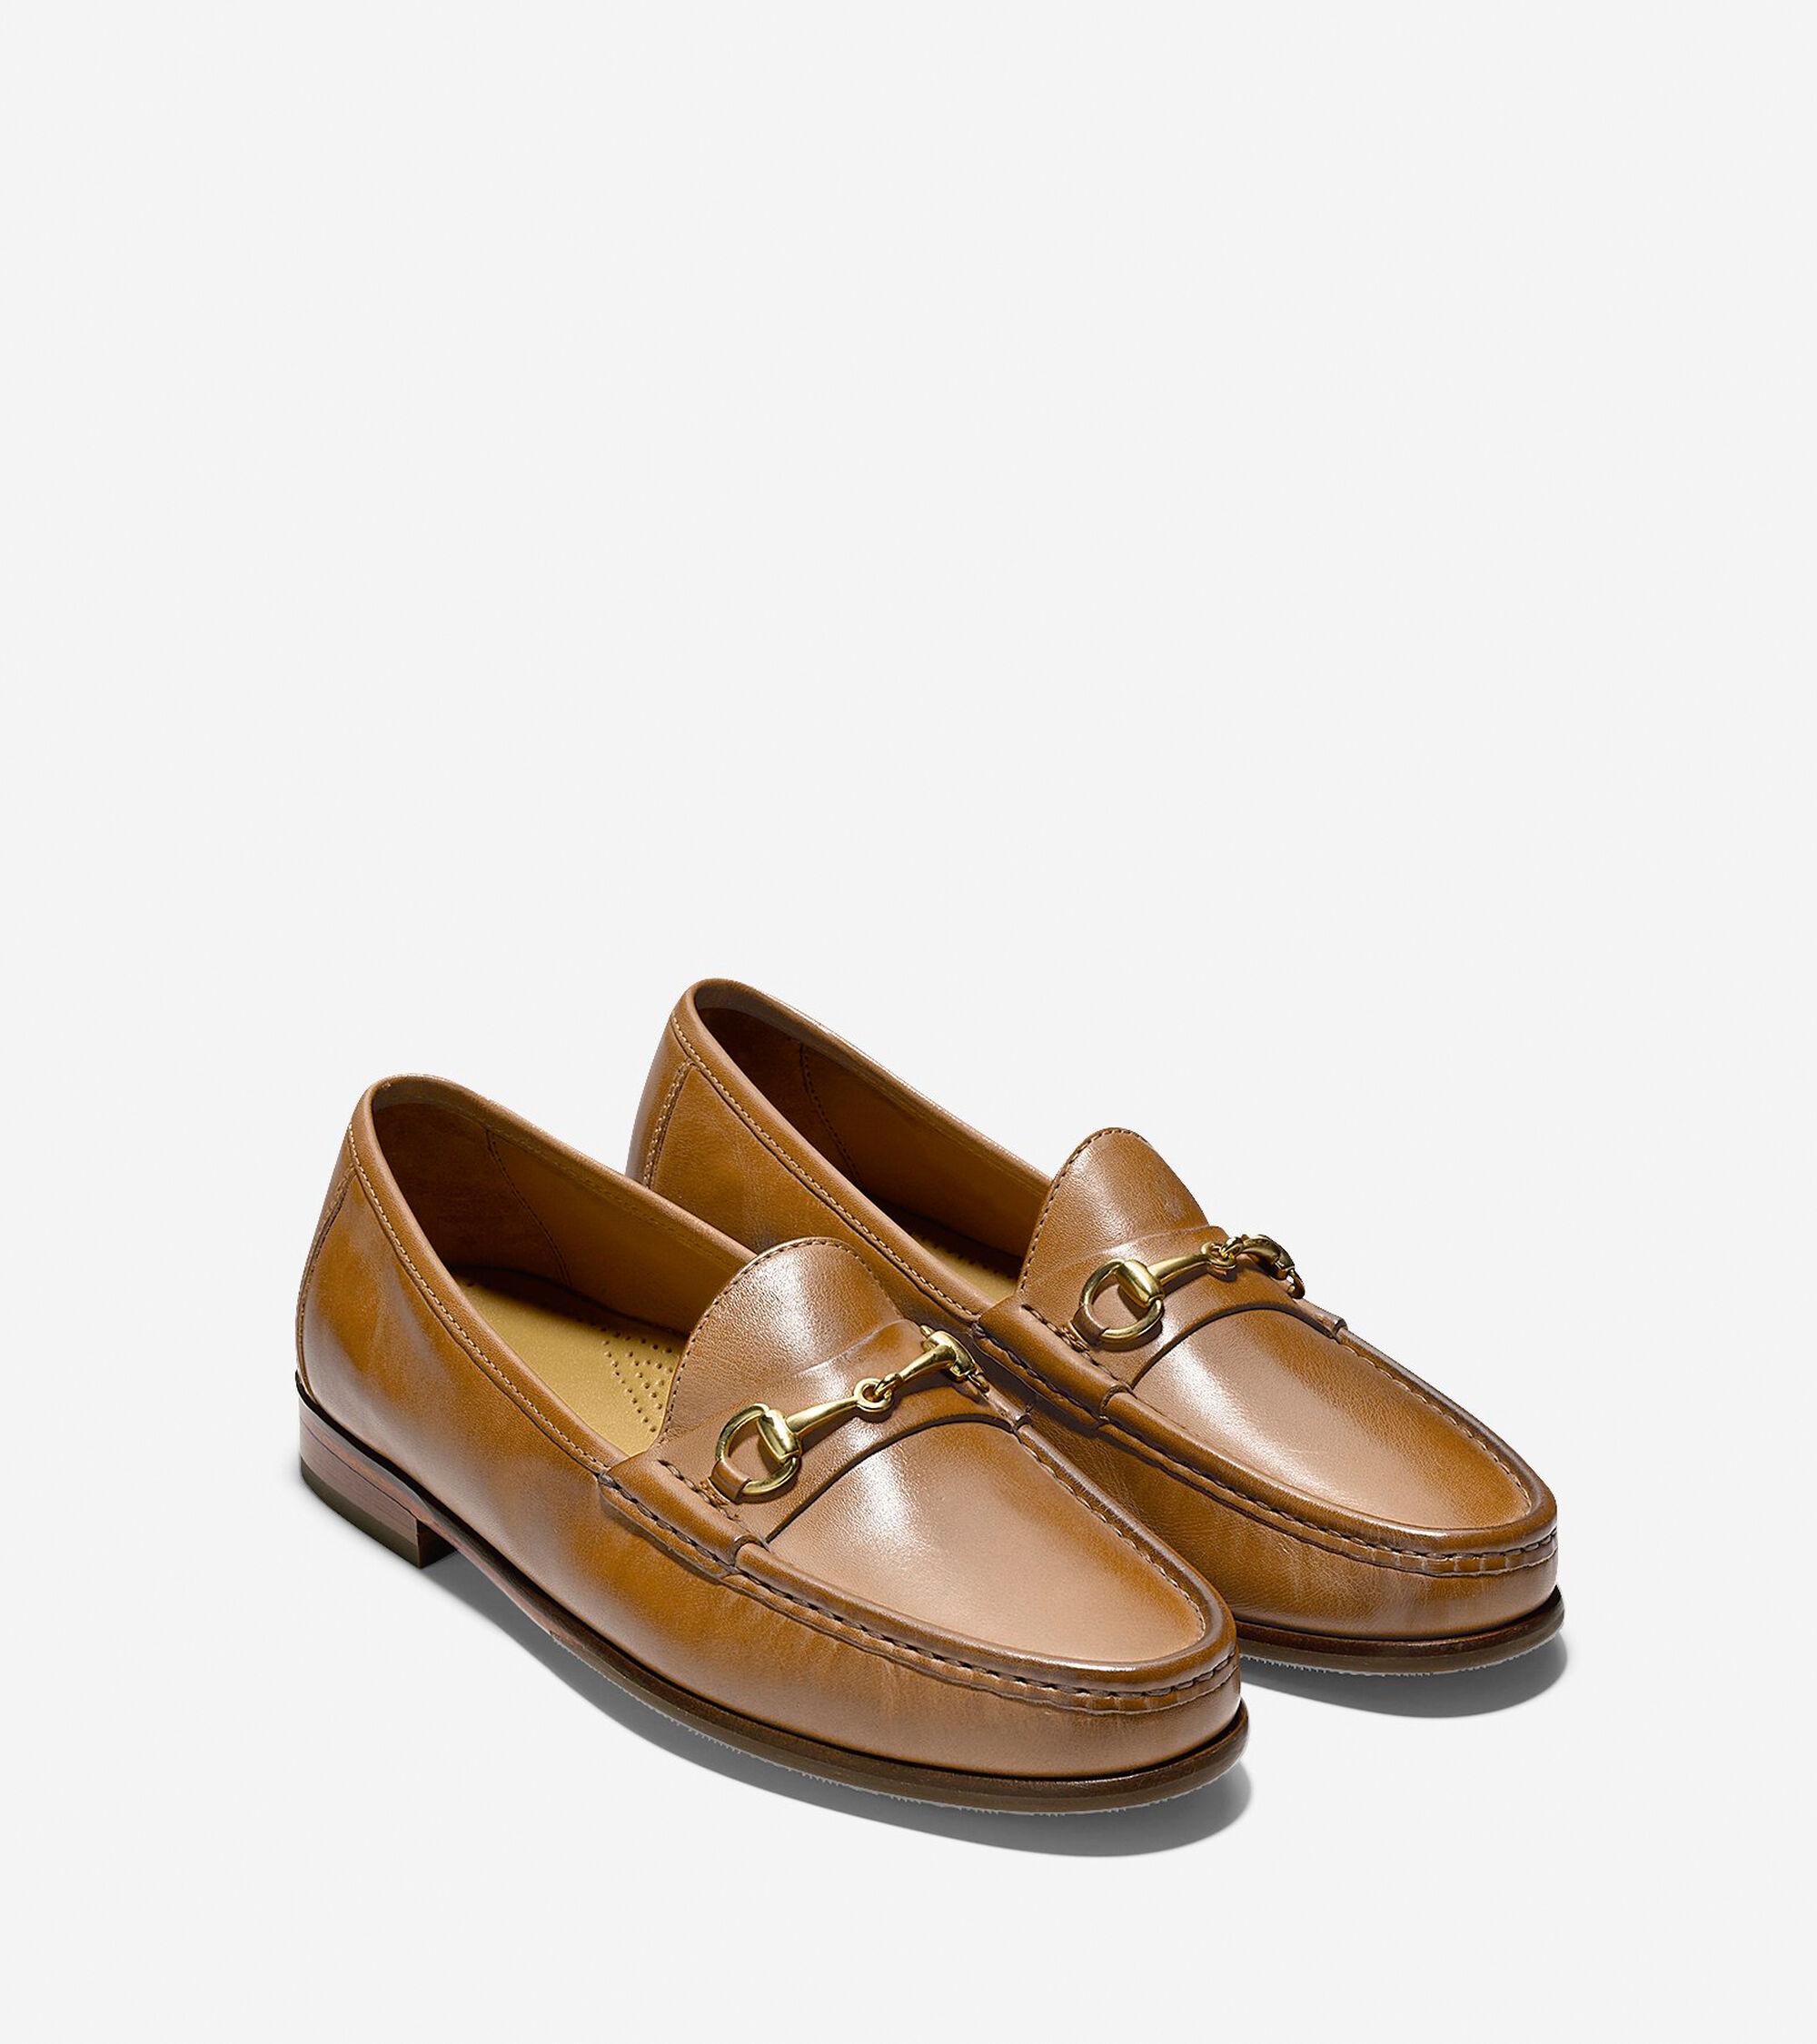 c3d61b0ba7a Men s Ascot Bit Loafers in British Tan   Sale